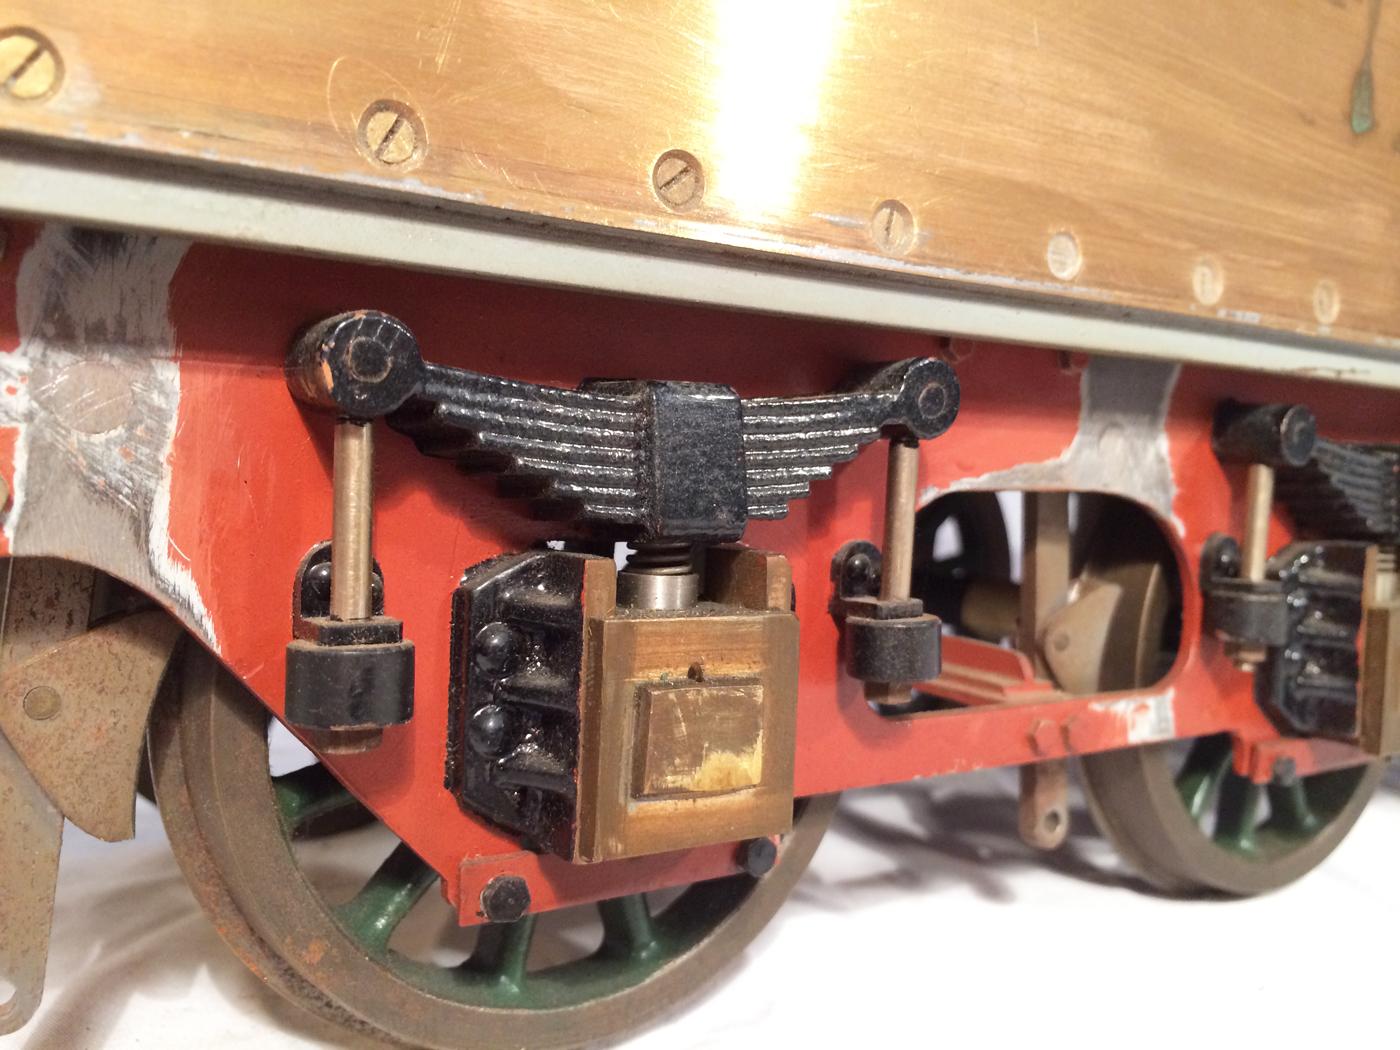 test 3 12 inch gauge stirling single live steam locomotive for sale 14